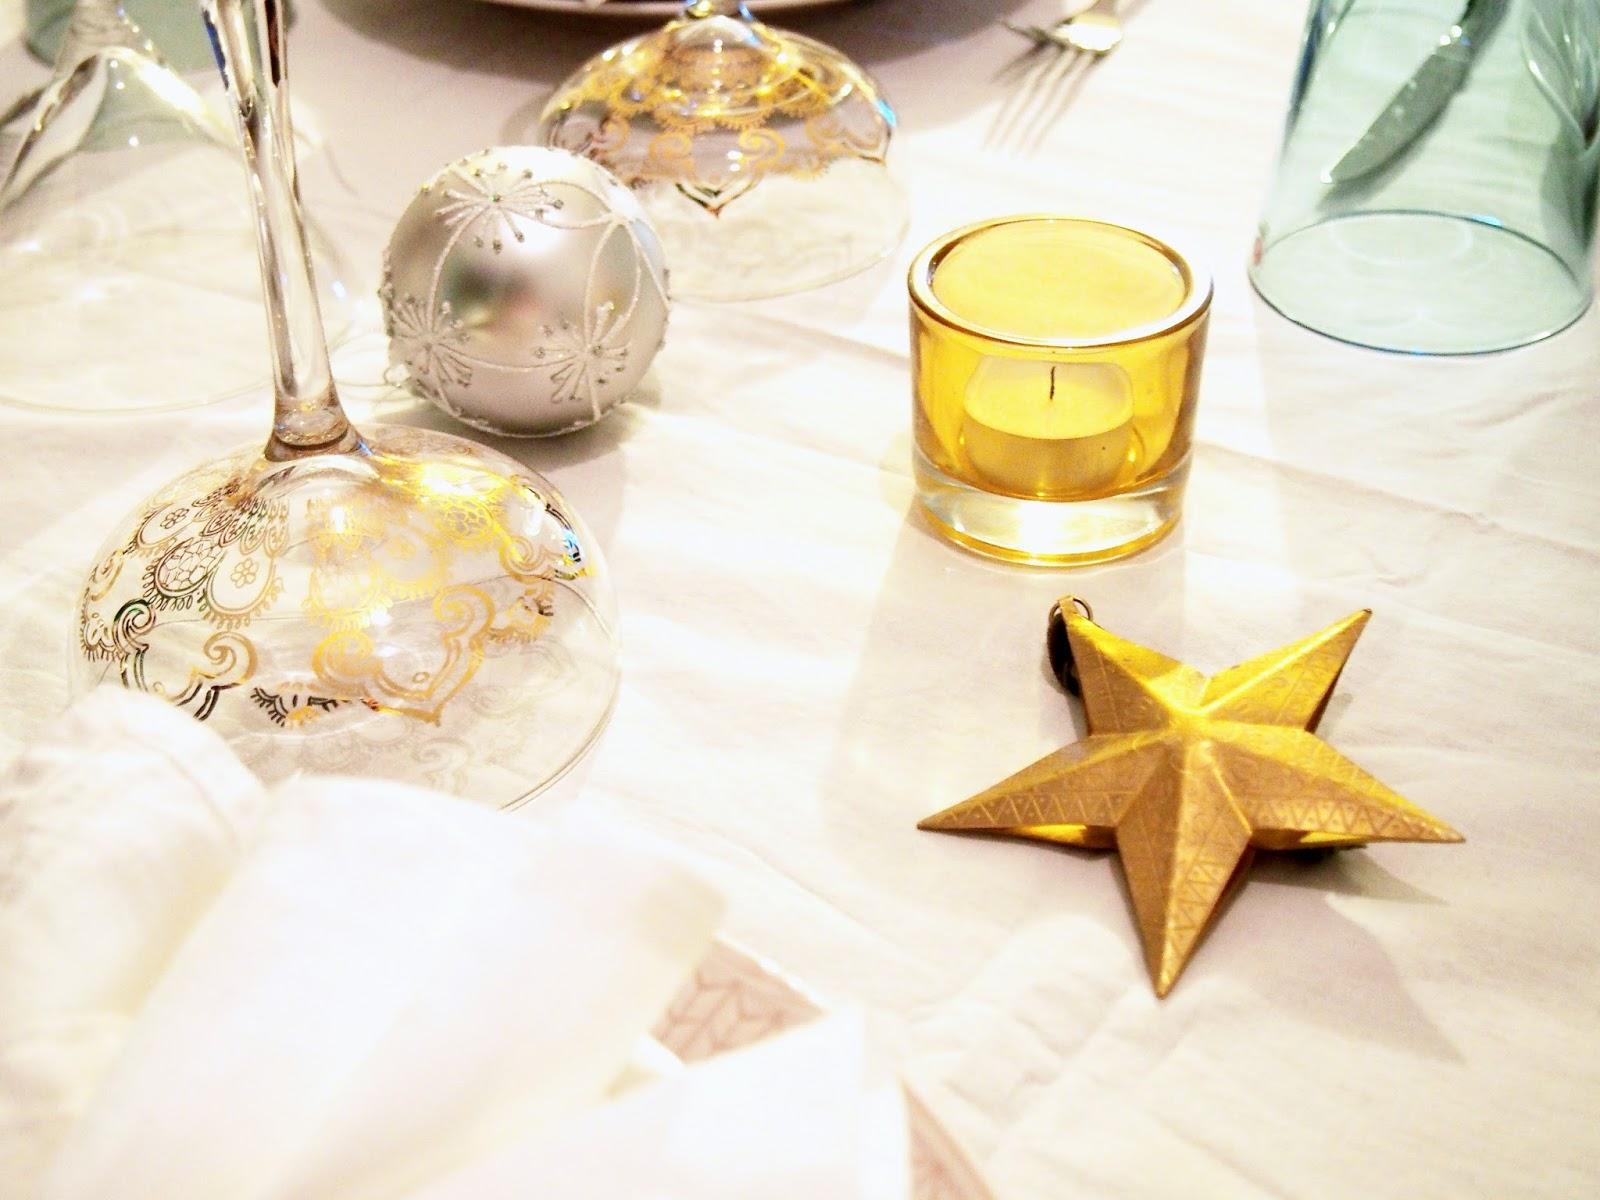 tablesetting, paseeraus, kattaminen, table, set, asettelu, kattaus, tähti, star, pallo, kivi, lyhty, kynttilä, samppanjalasi, shampanja, champagne, champanja, lasi, indiska, kartio, joulu, pallo, koriste, christmas